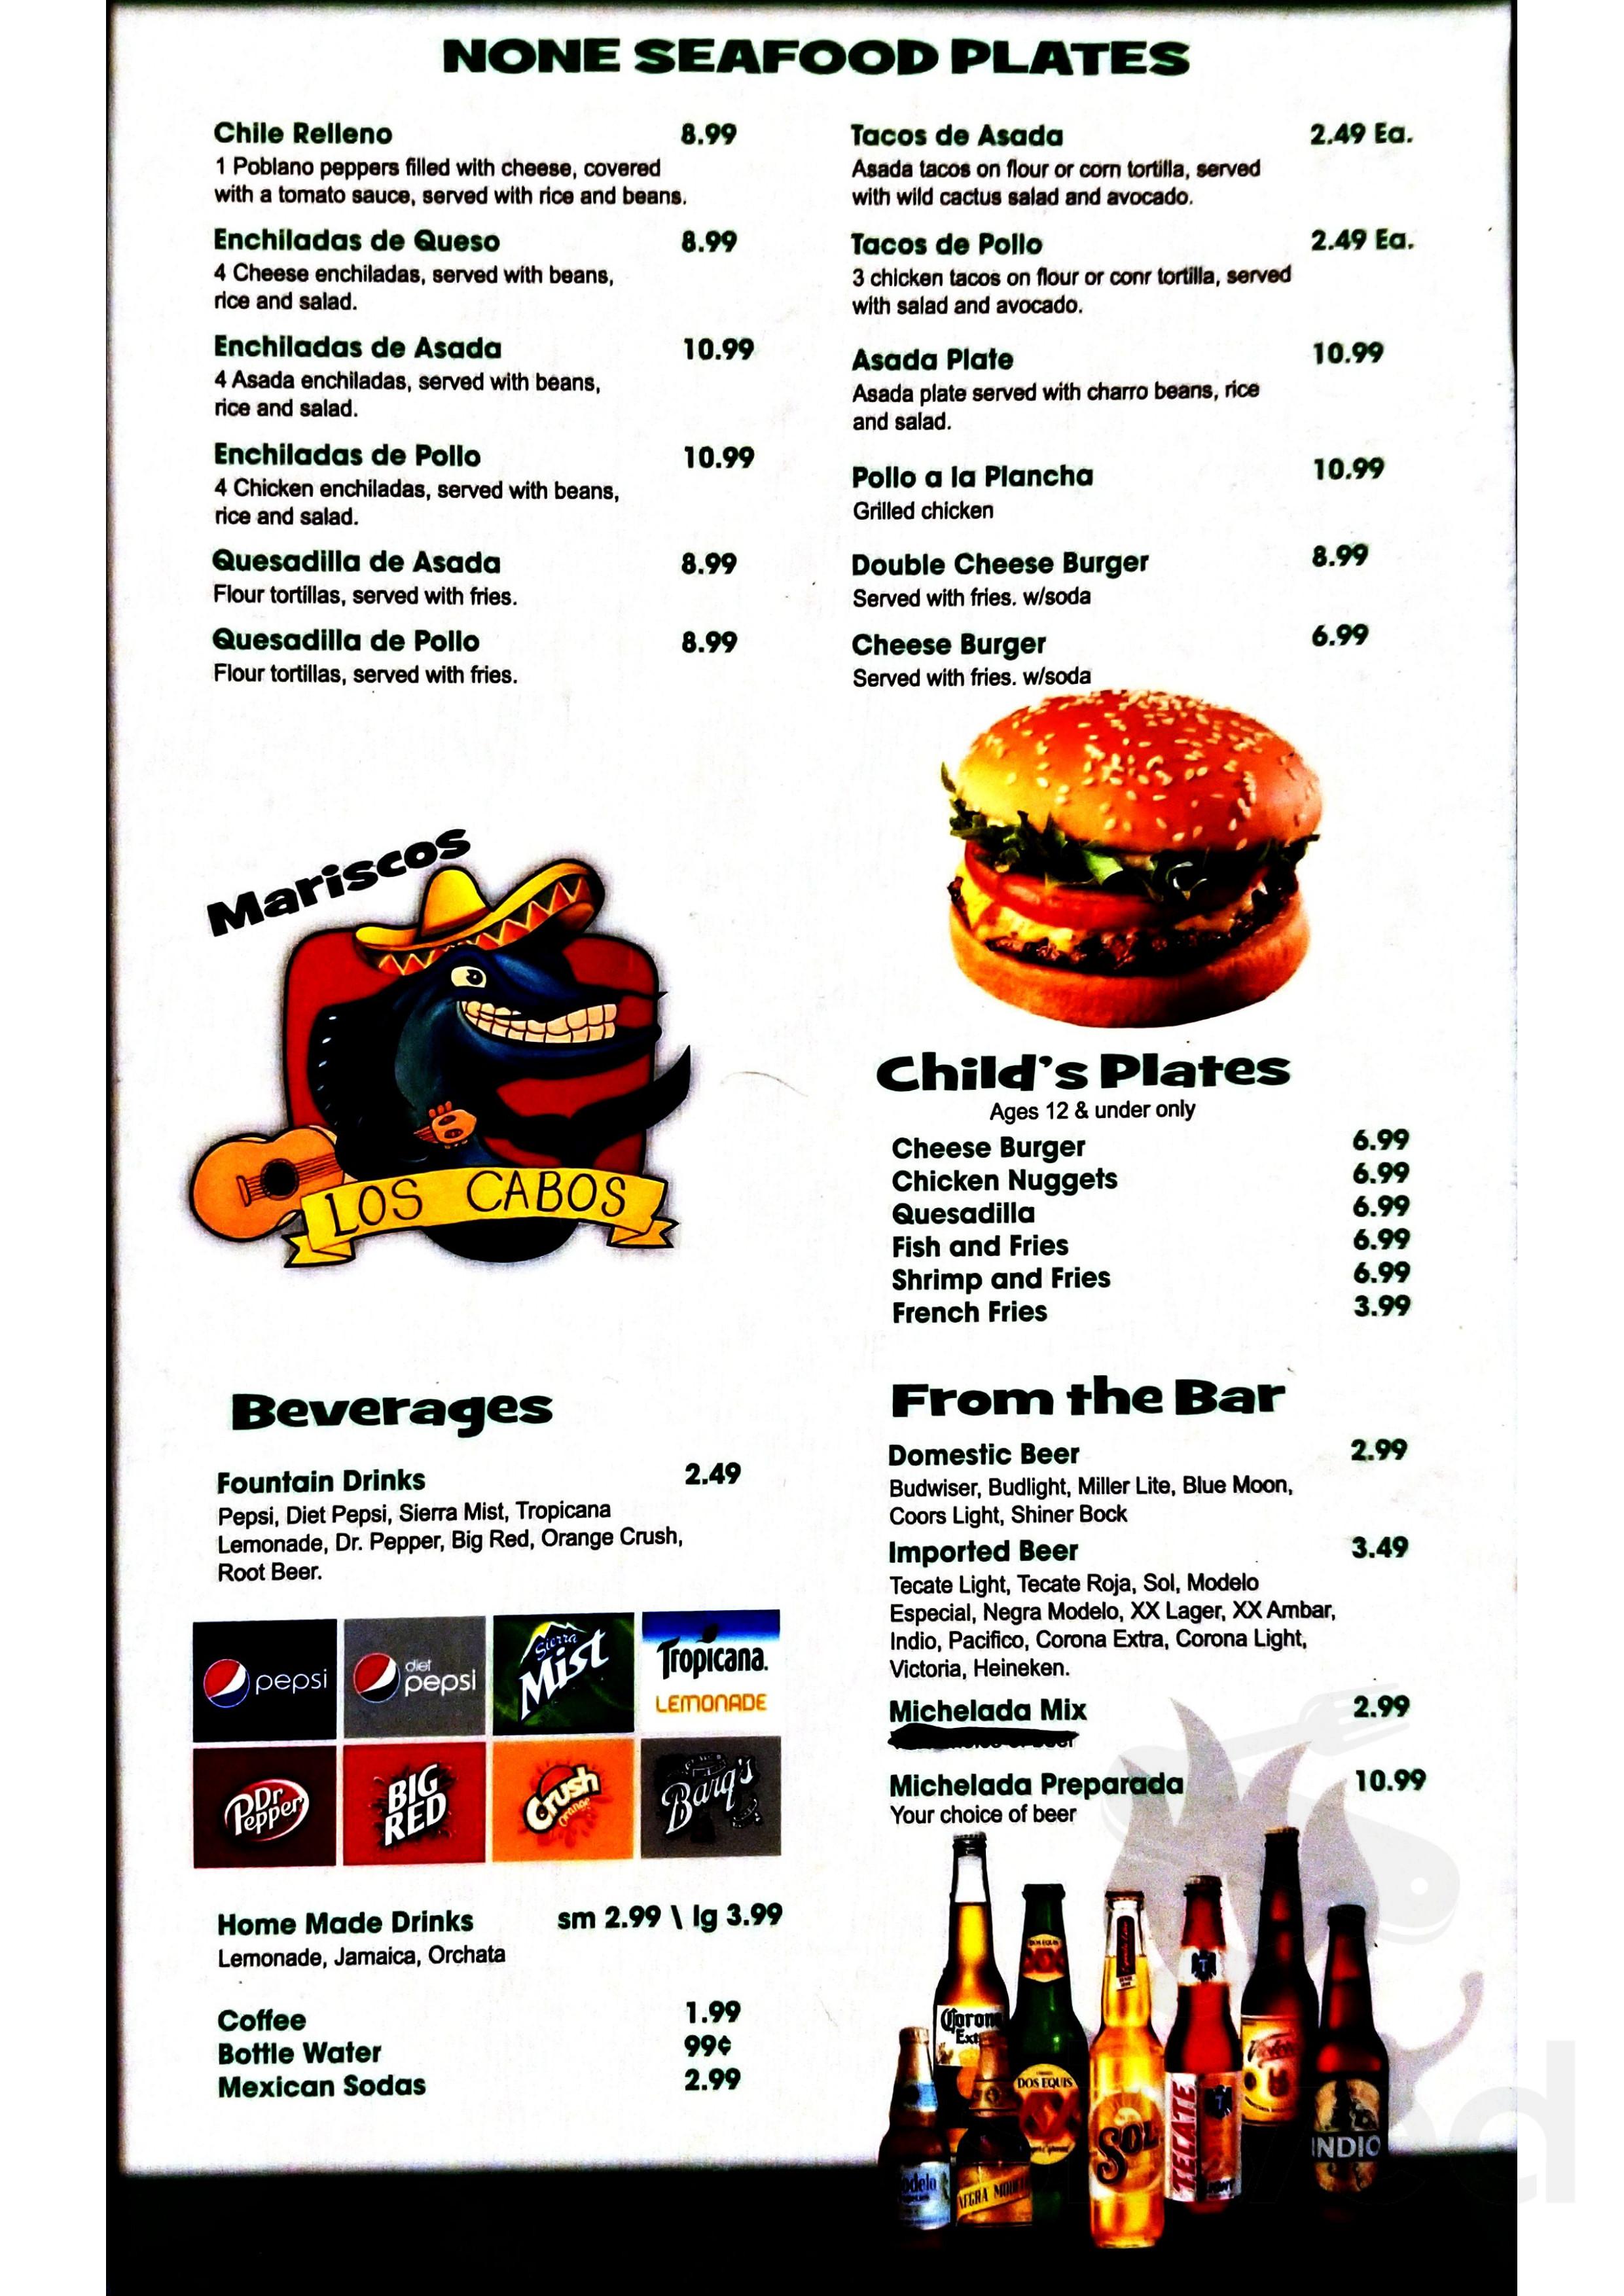 Los Cabos Seafood Restaurant menu in San Antonio, Texas